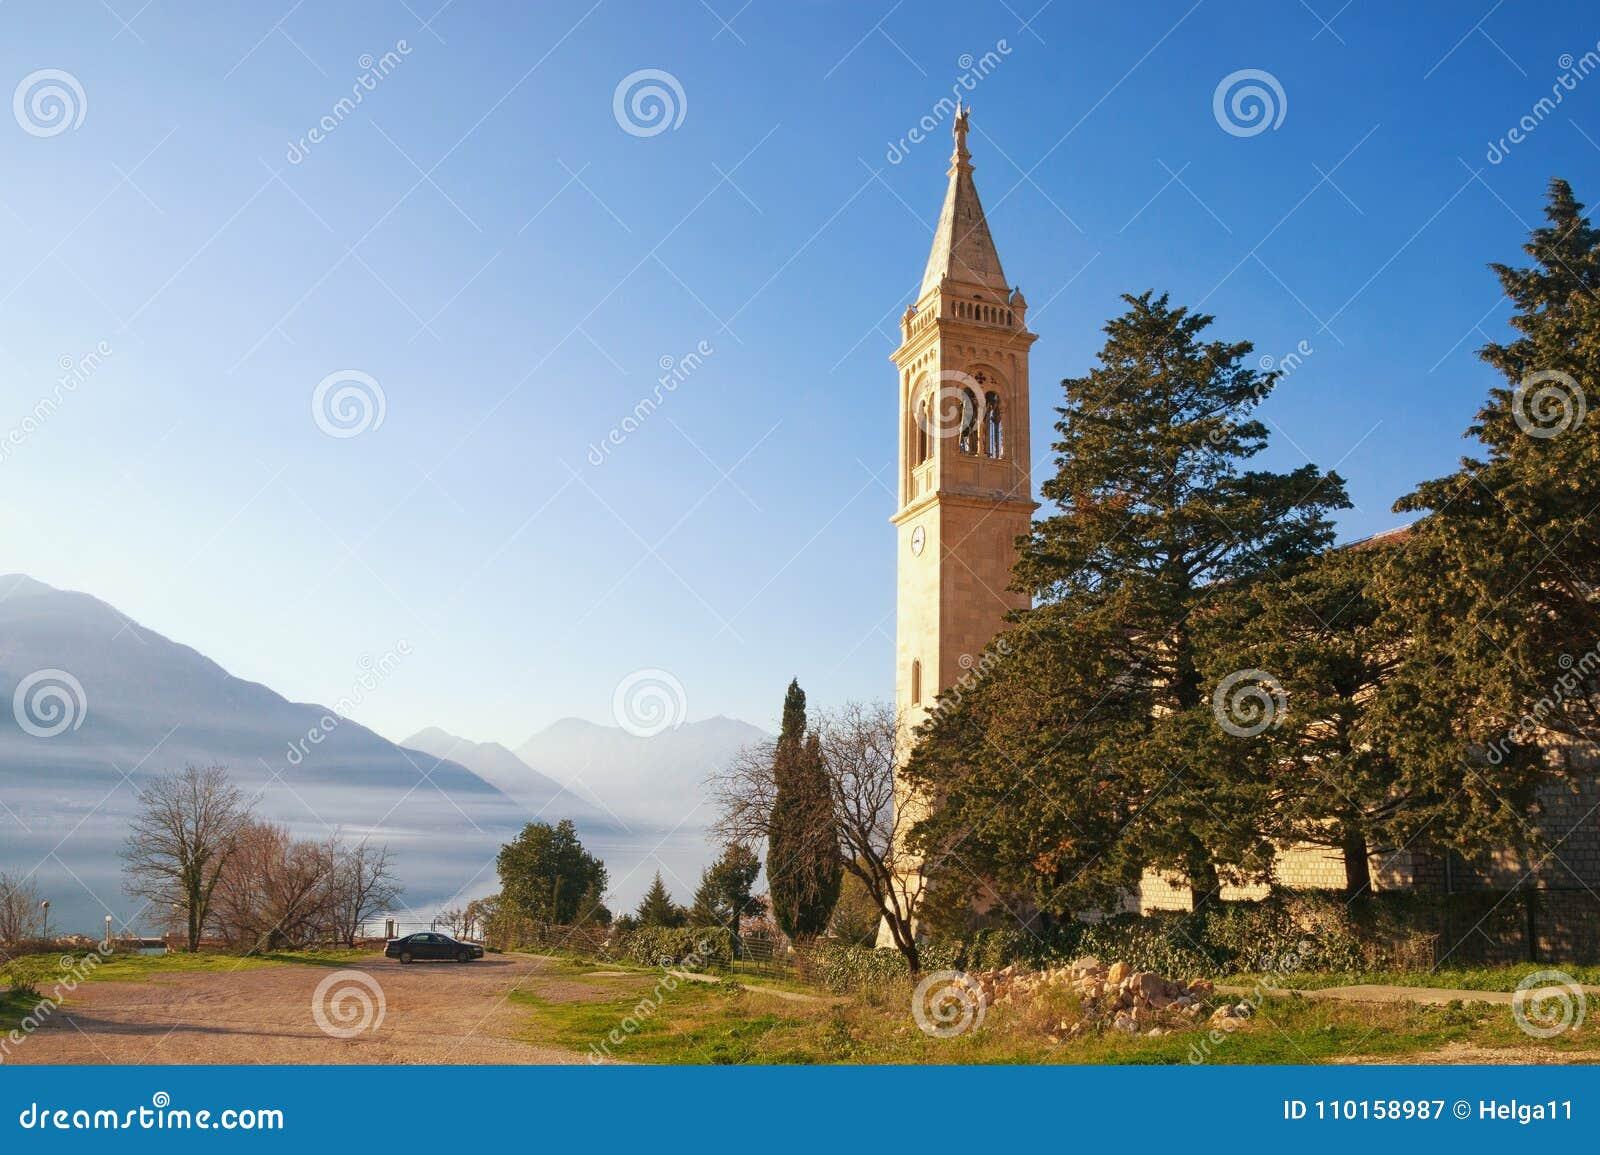 view of catholic church of saint eustace on coast of bay of kotor